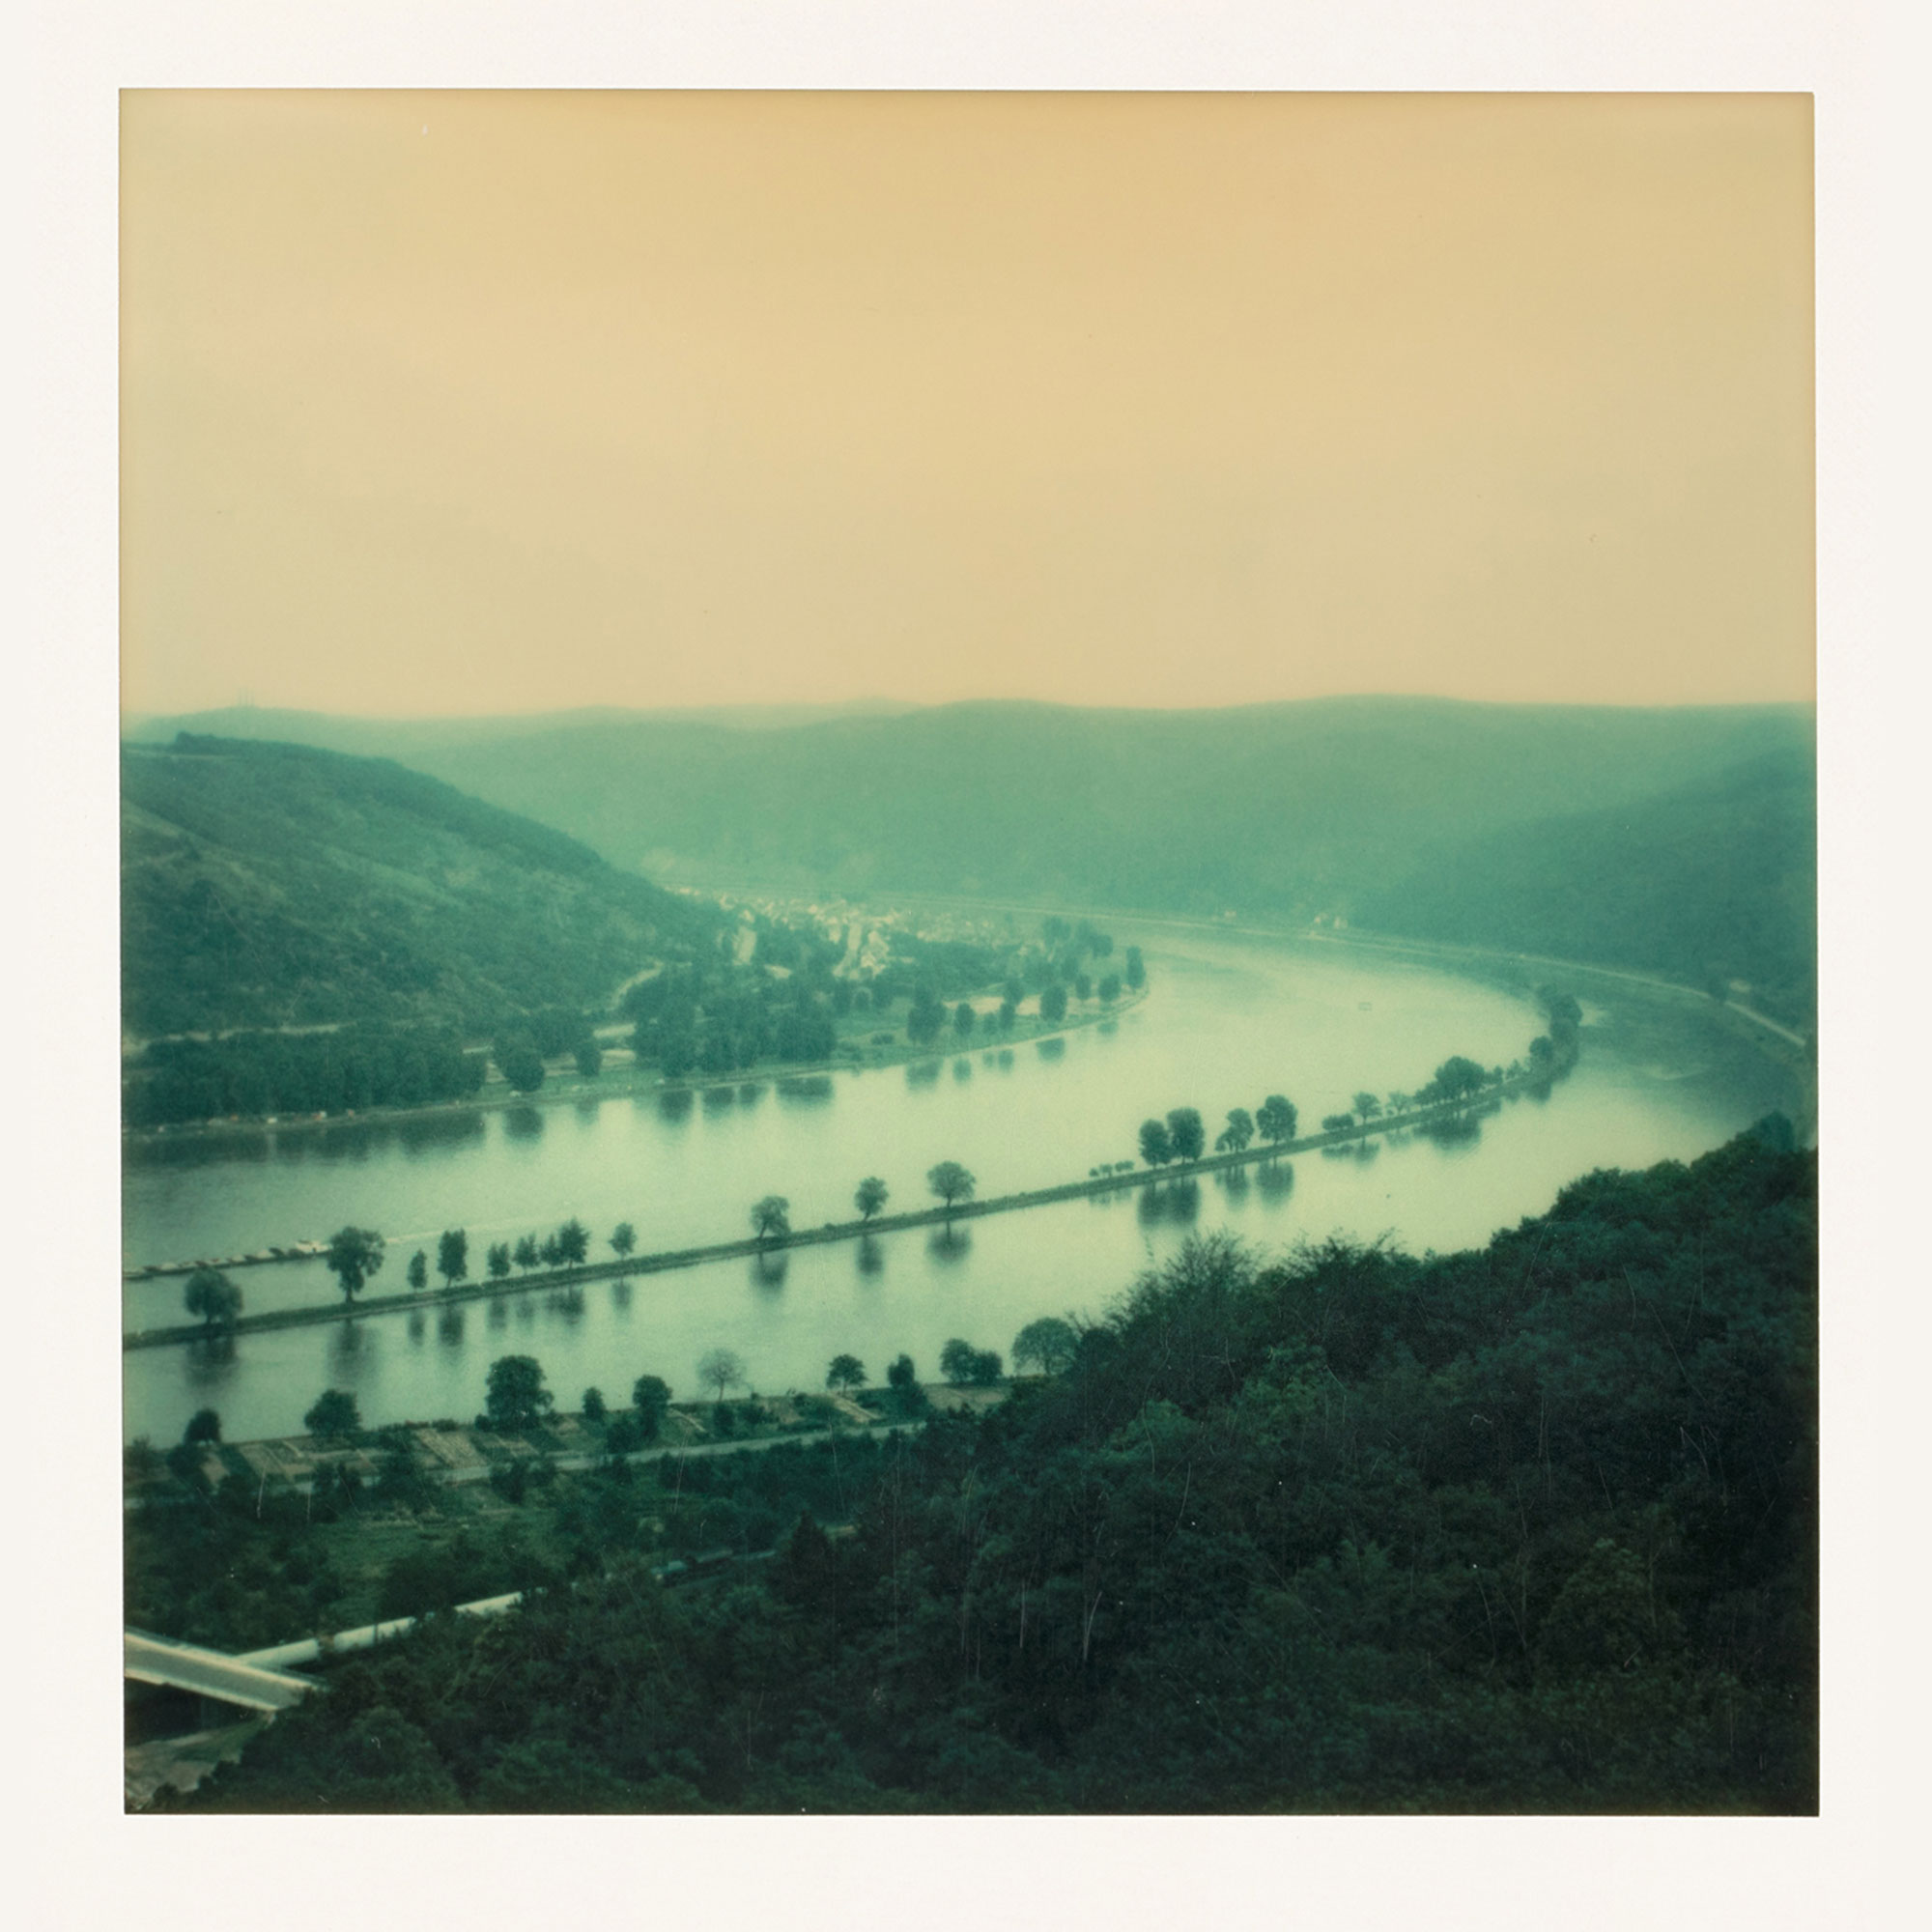 Река Рейн, Бонн, Германия, 1974 год